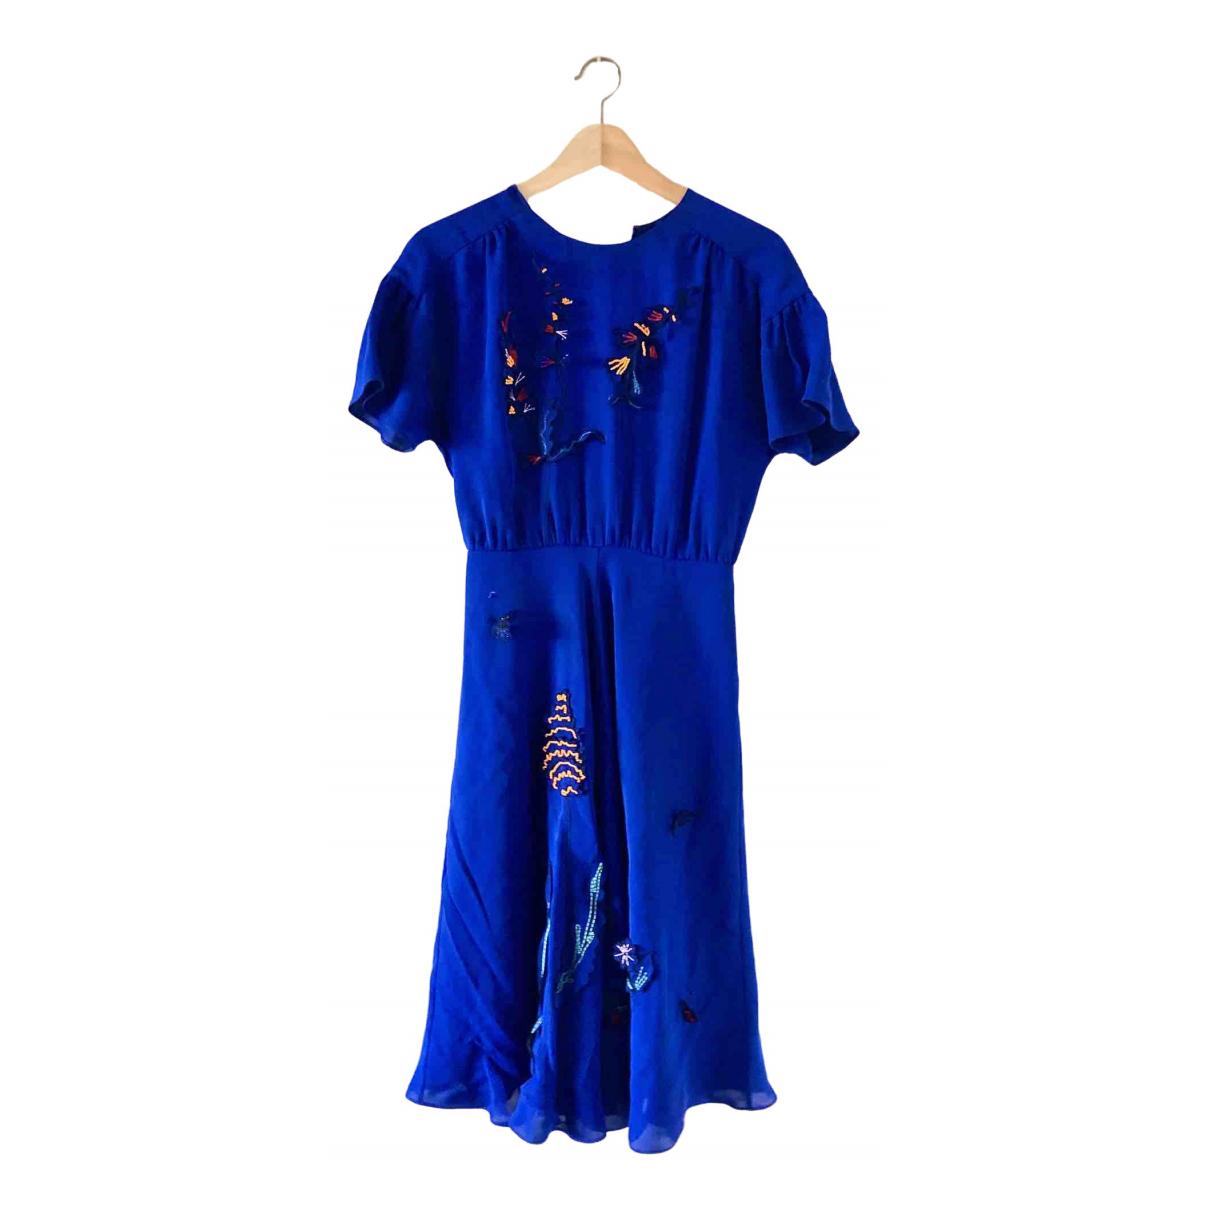 Paul Smith \N Kleid in  Blau Viskose